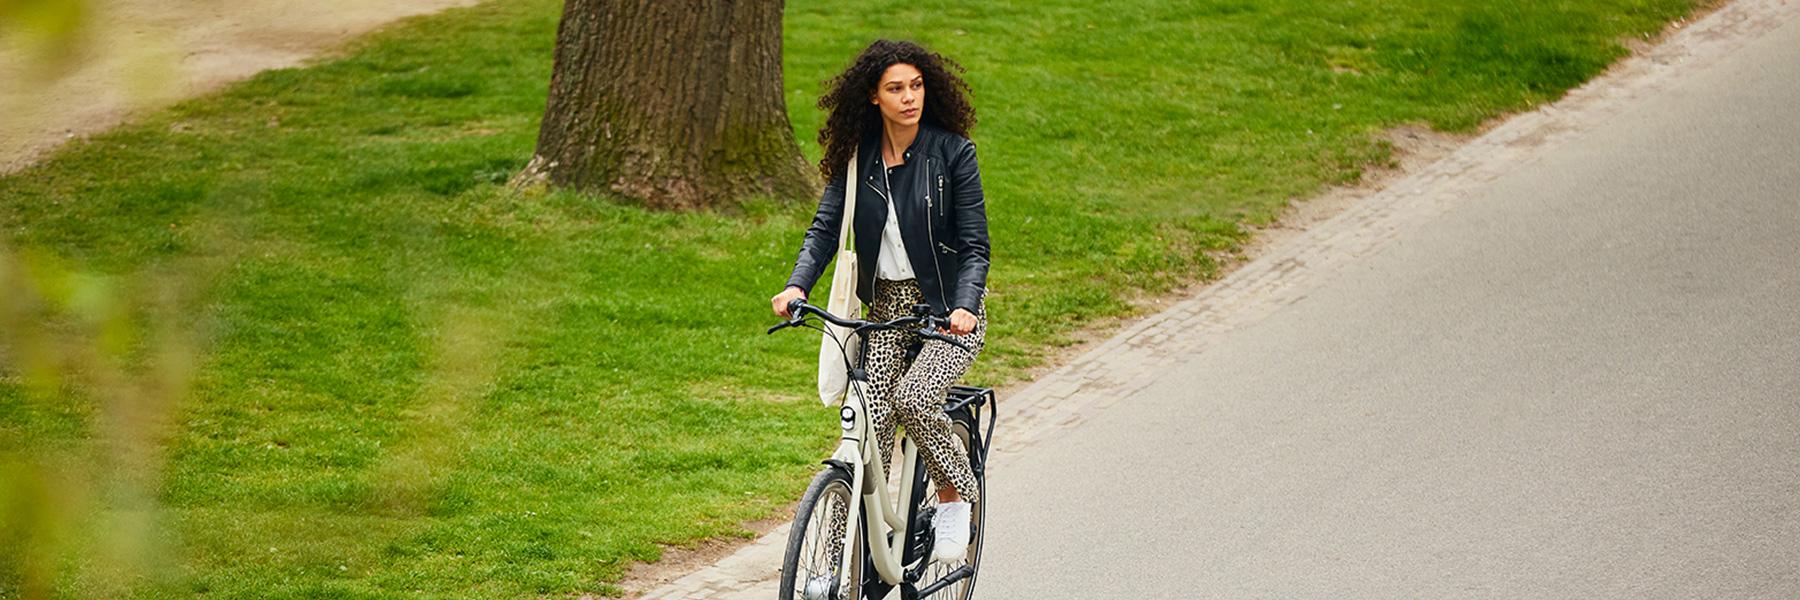 Vrouw op Gazelle fiets